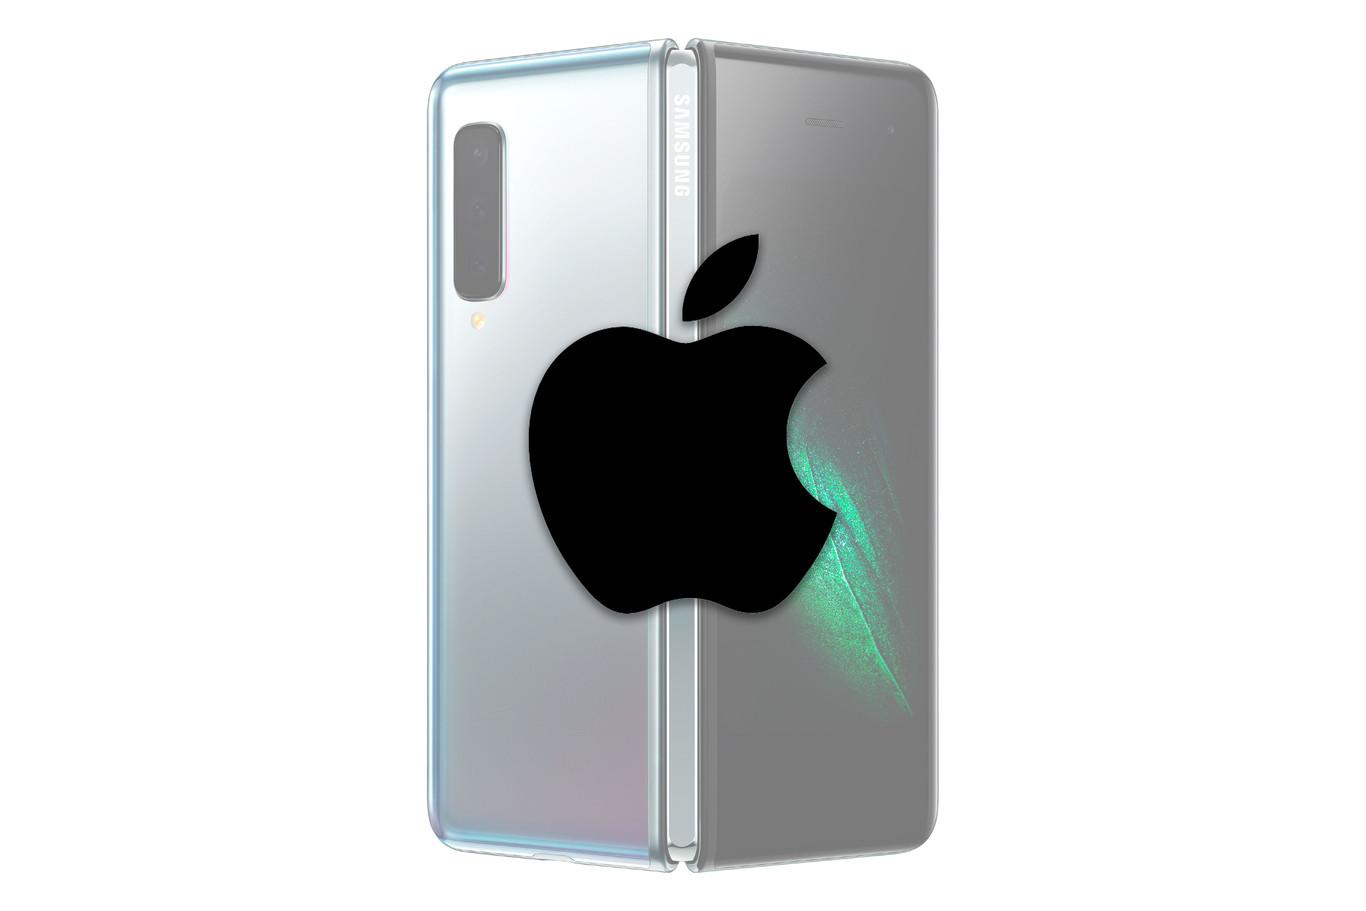 2f3a27a08 Apple está considerando su propio dispositivo plegable, según apunta una  patente recientemente registrada